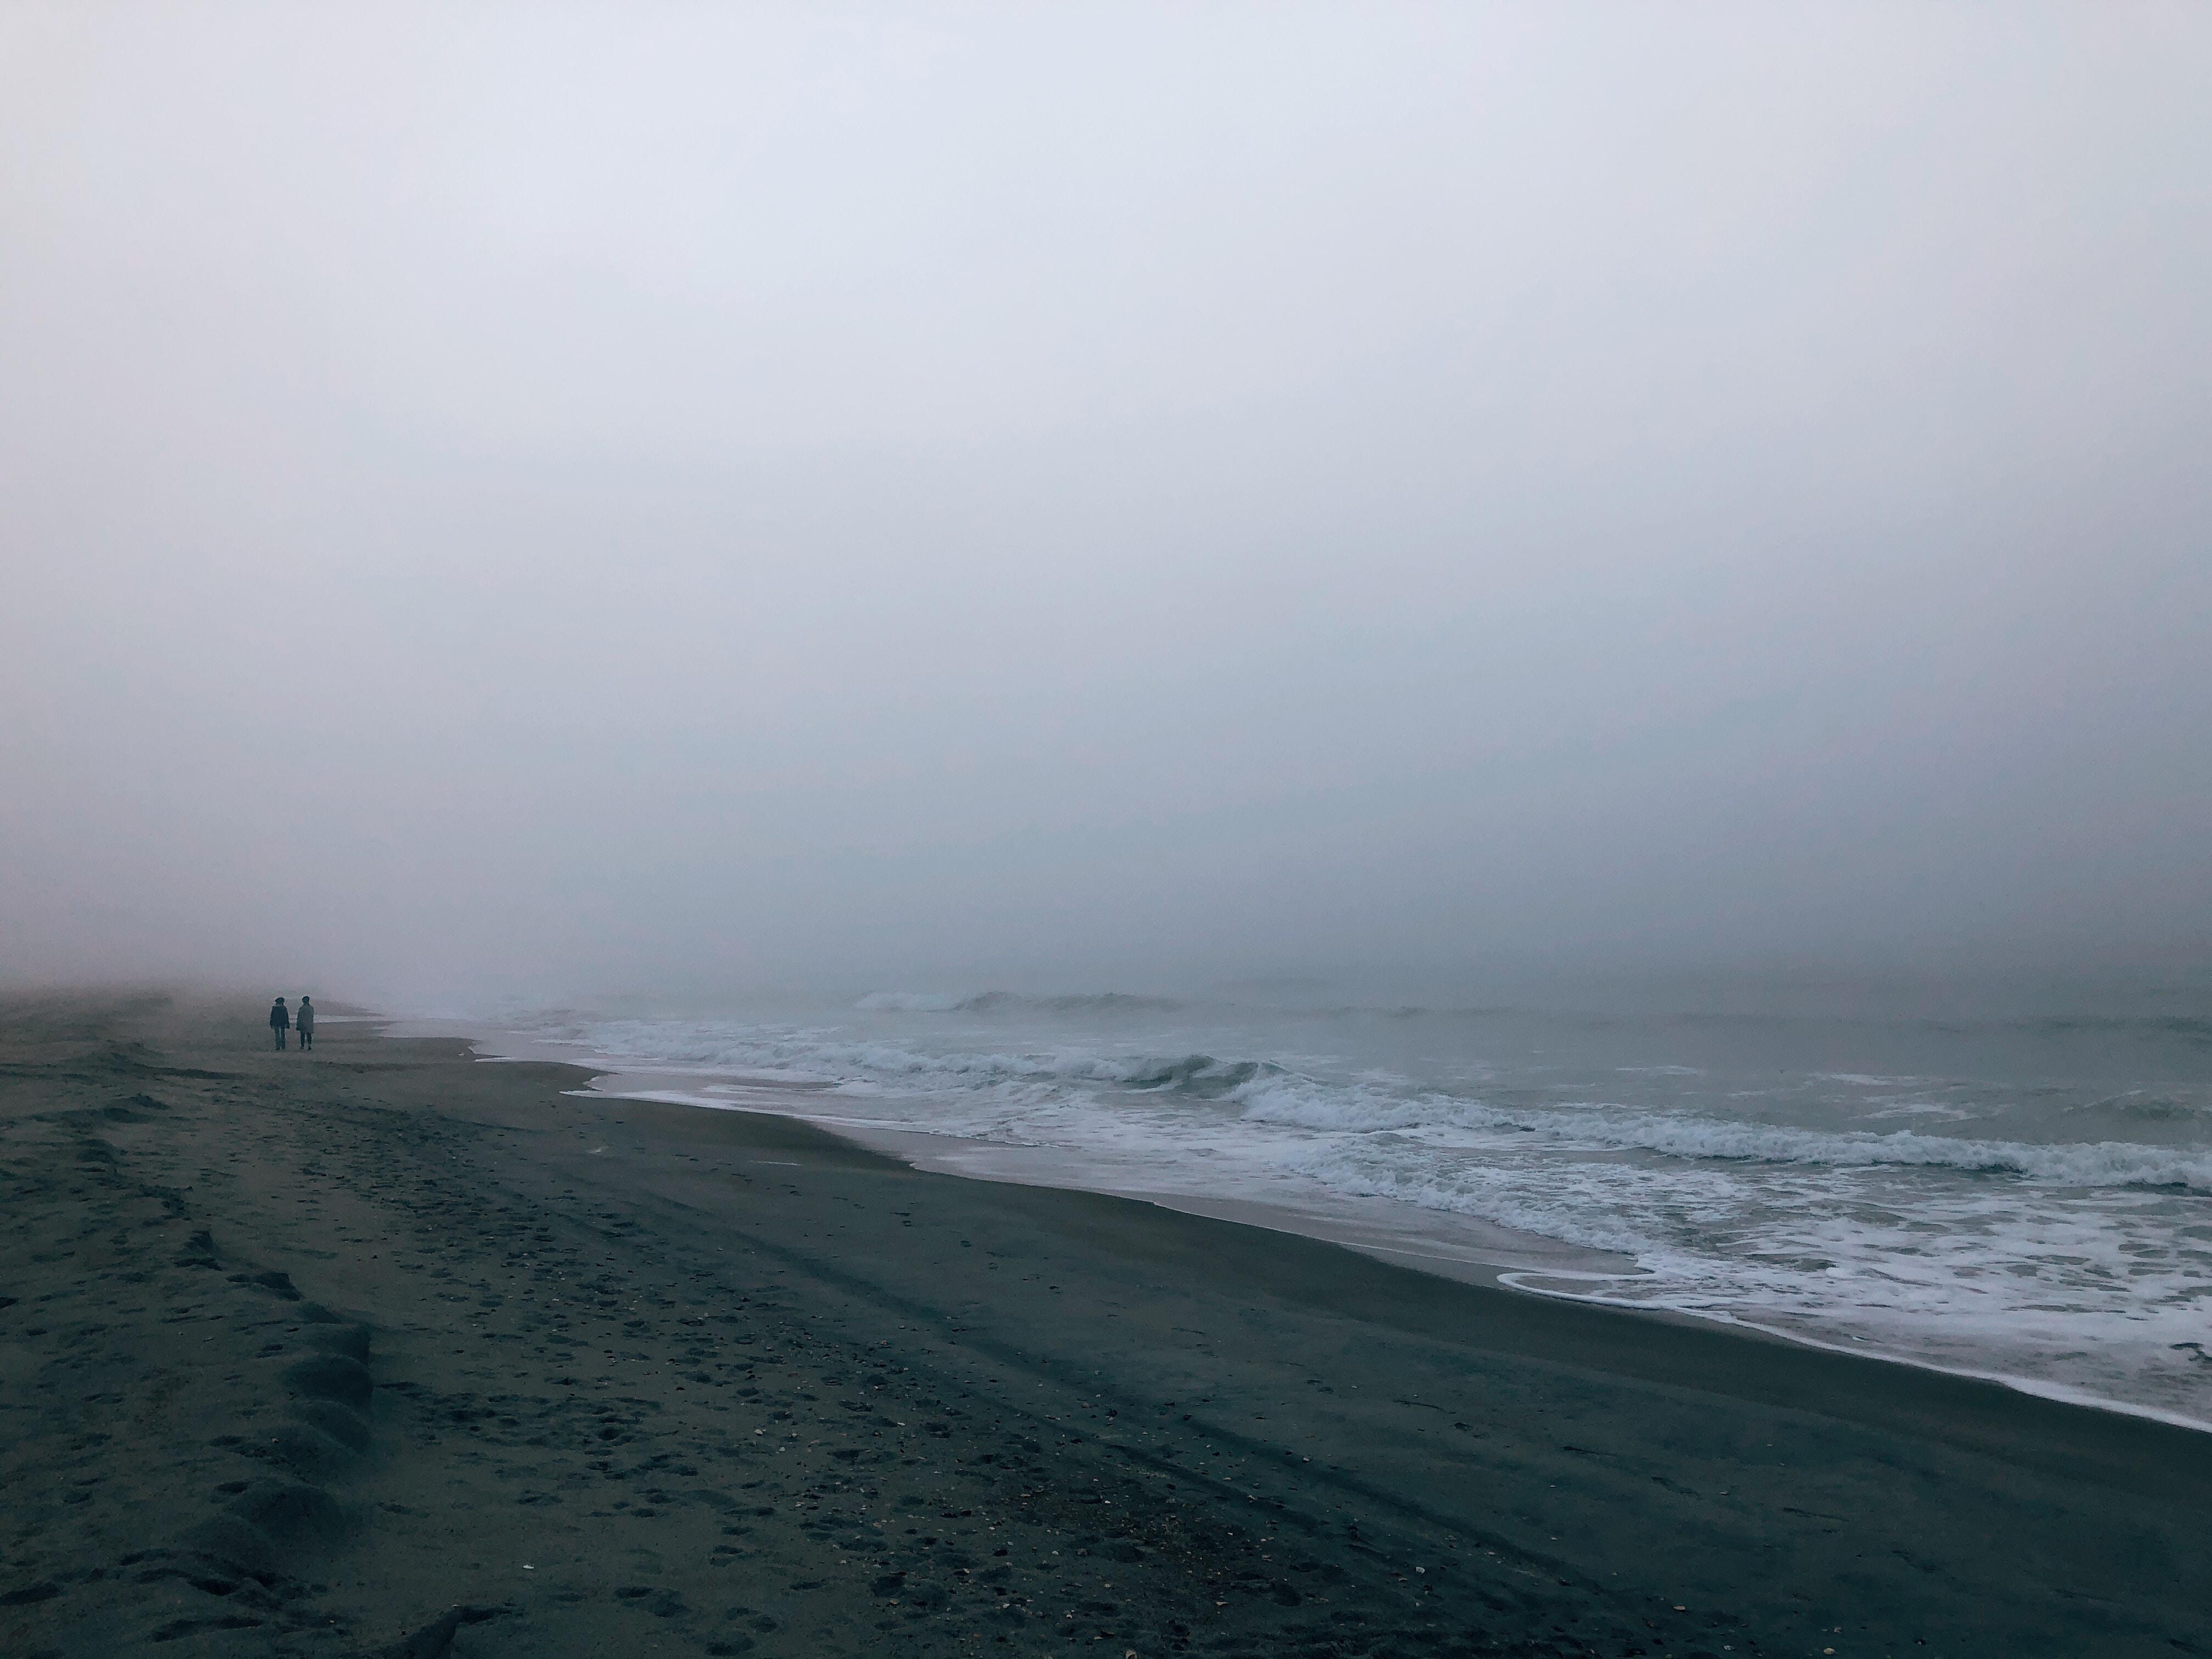 seashore under gray sky